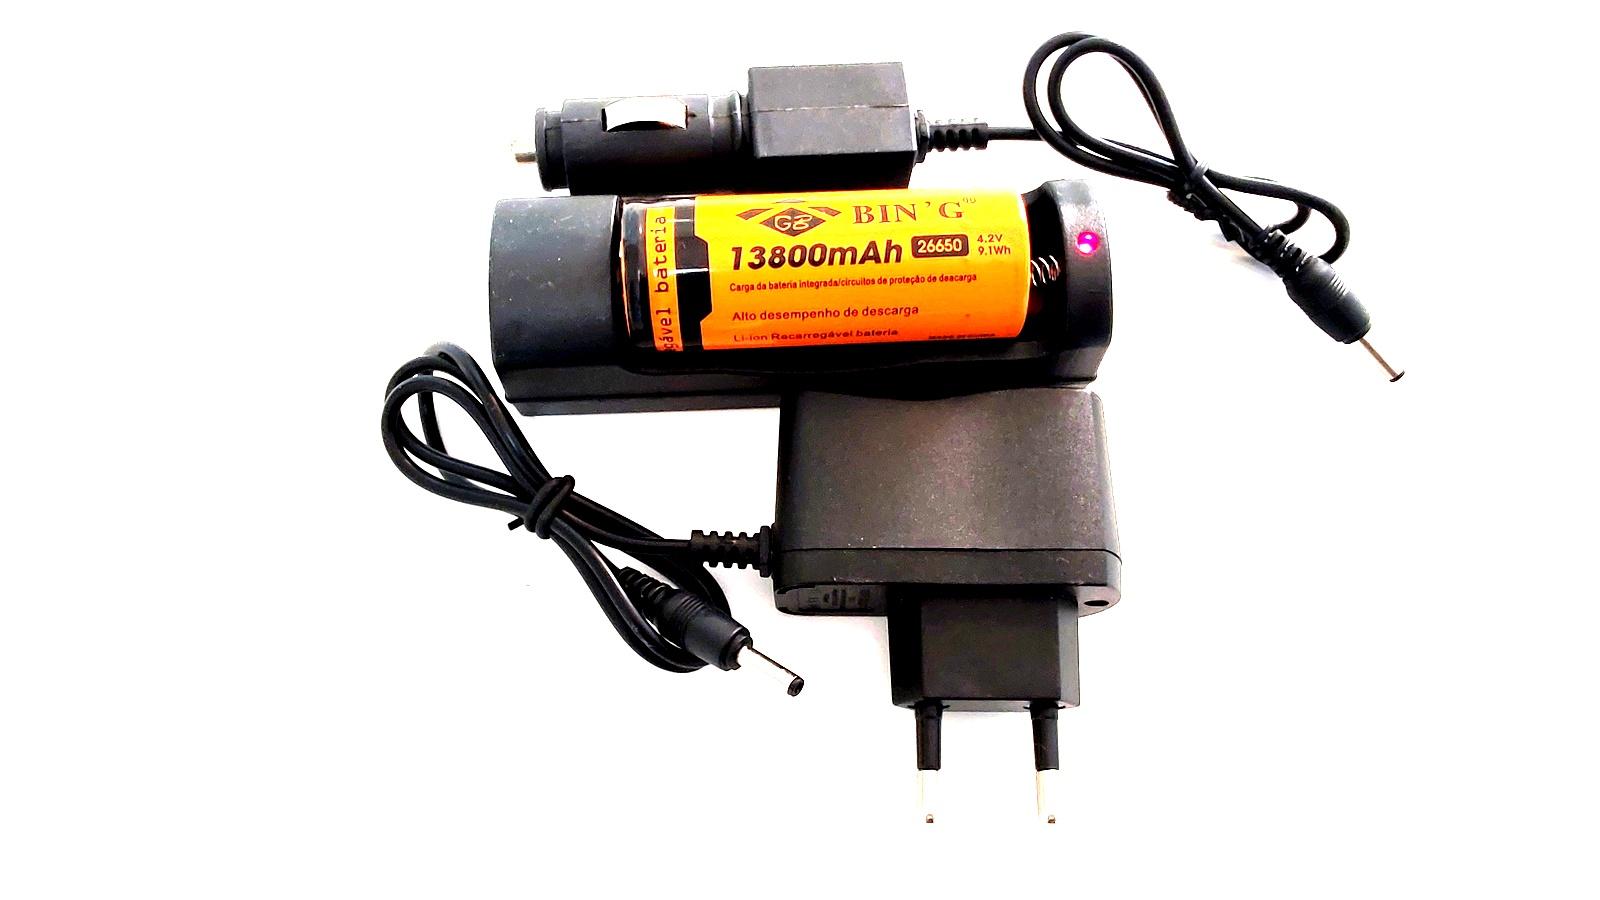 Carregador + Bateria Bing 26650 13800mAh 4.2v 9.1Wh